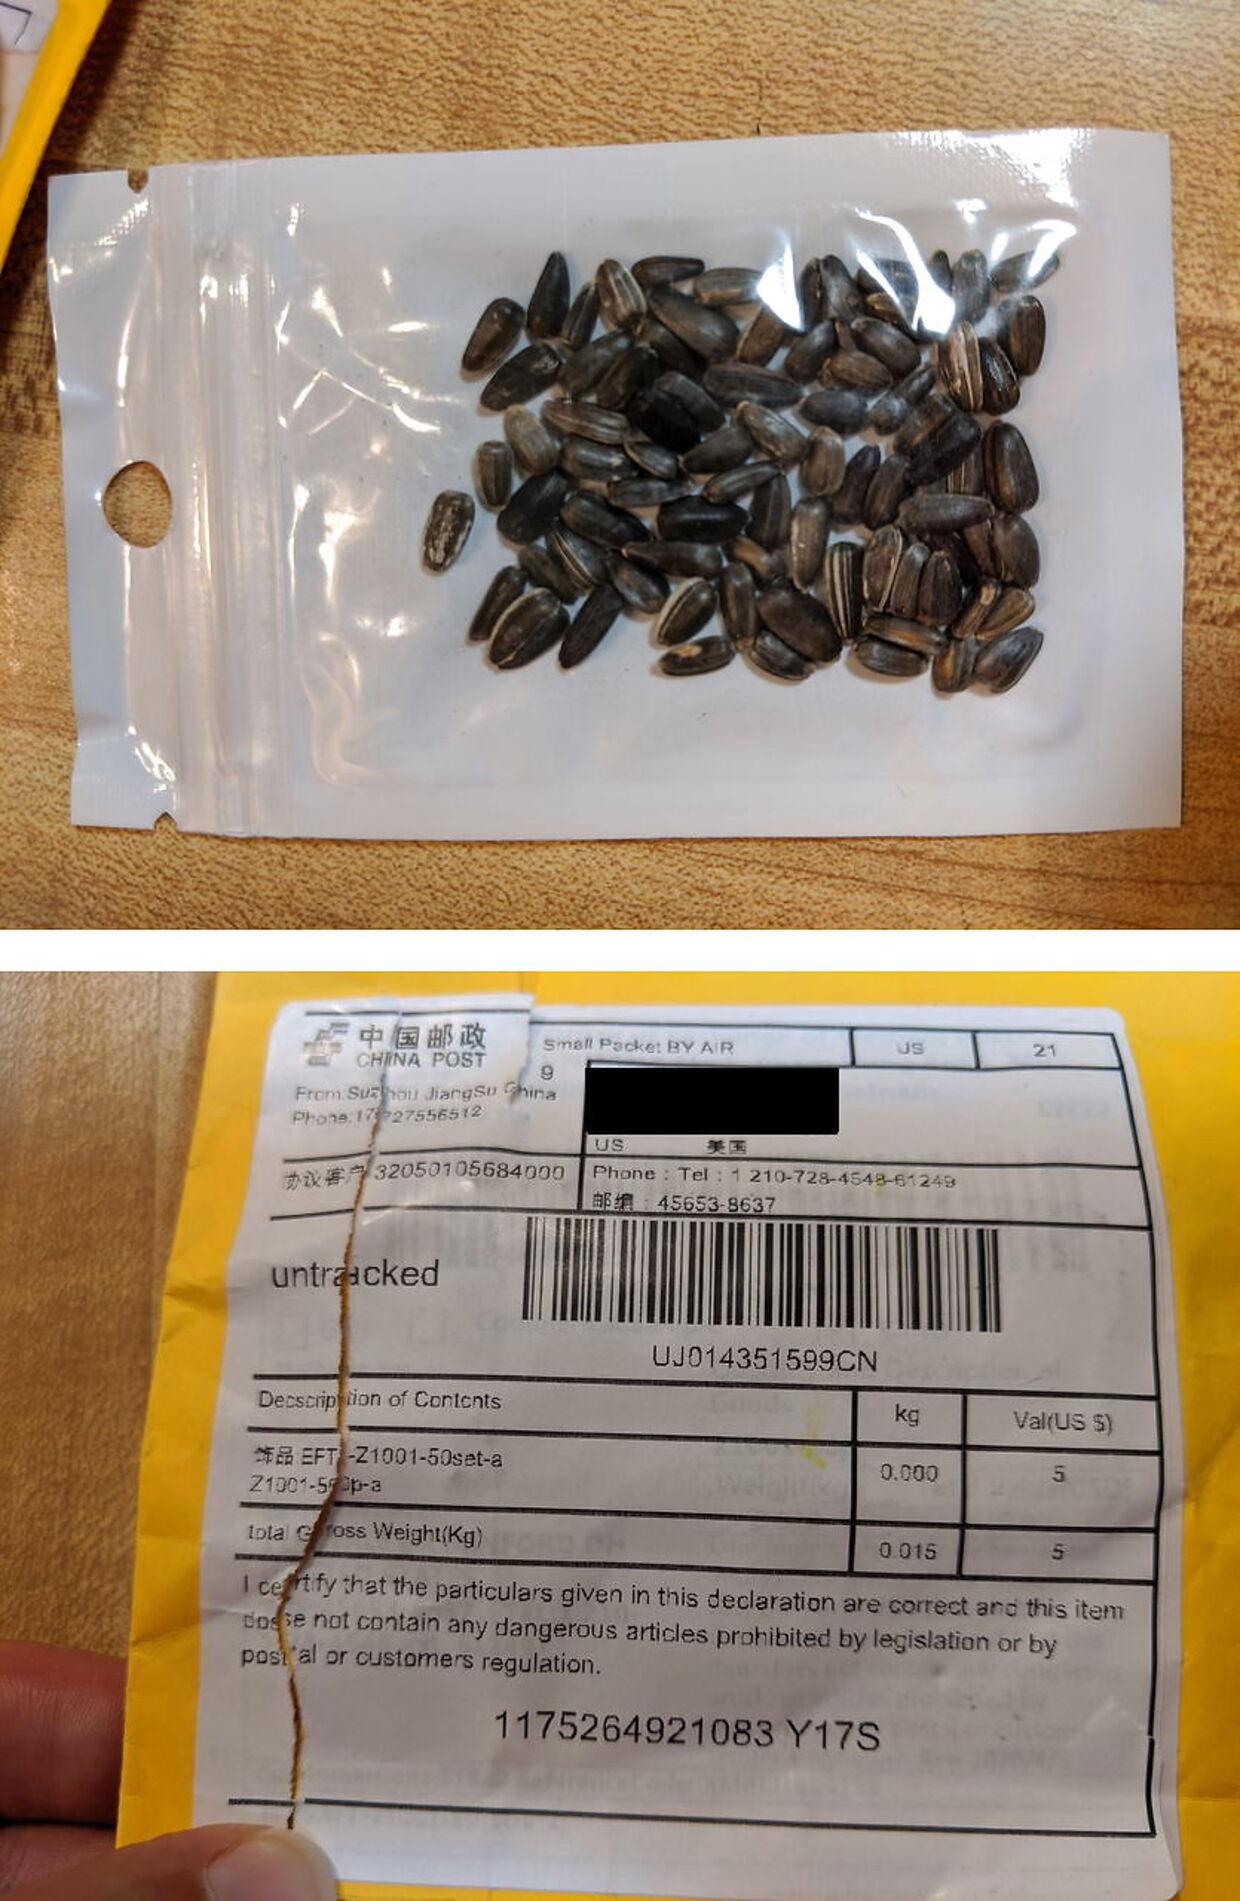 Mystisk fænomen. Amerikanske myndigheder har frigivet dette billede af de mystiske breve og pakker med frø fra Kina.